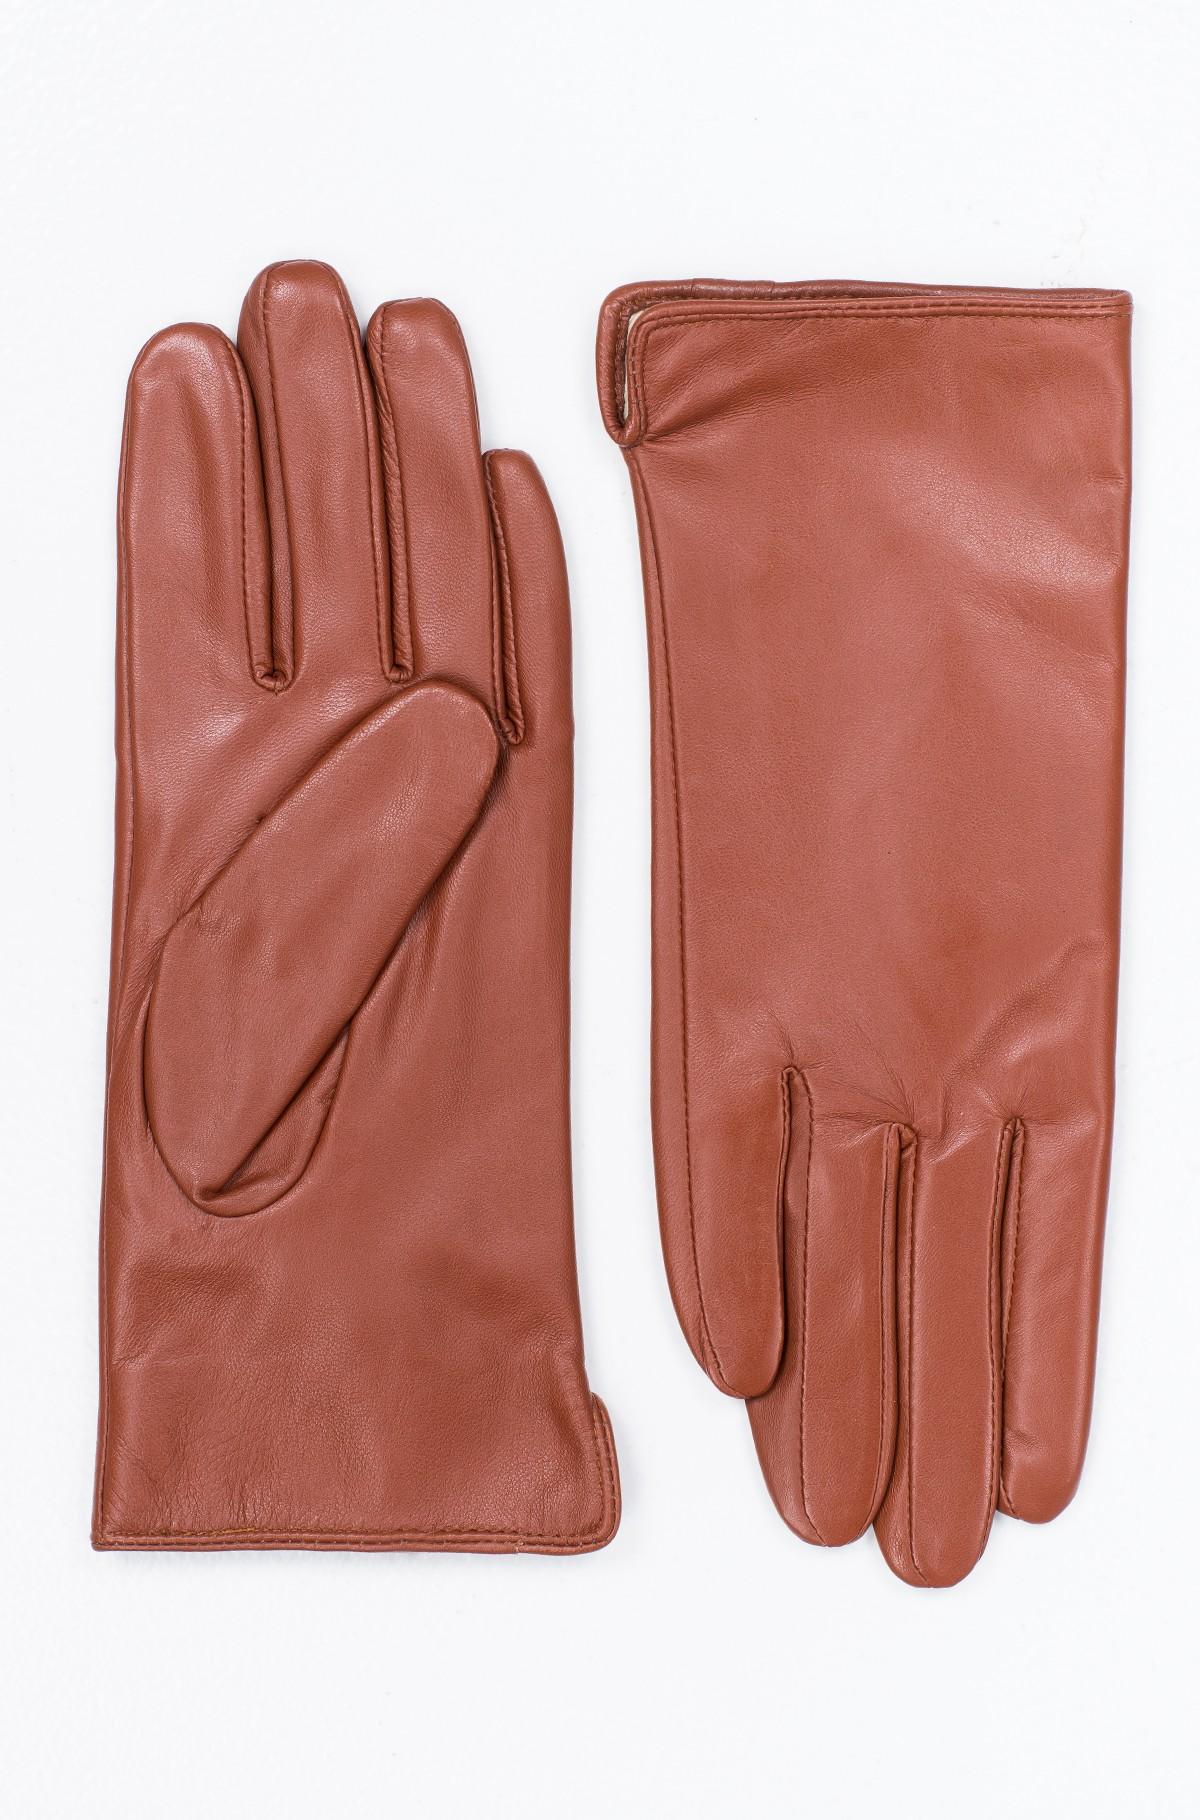 Kindad Women`s glove TL009-2-full-1